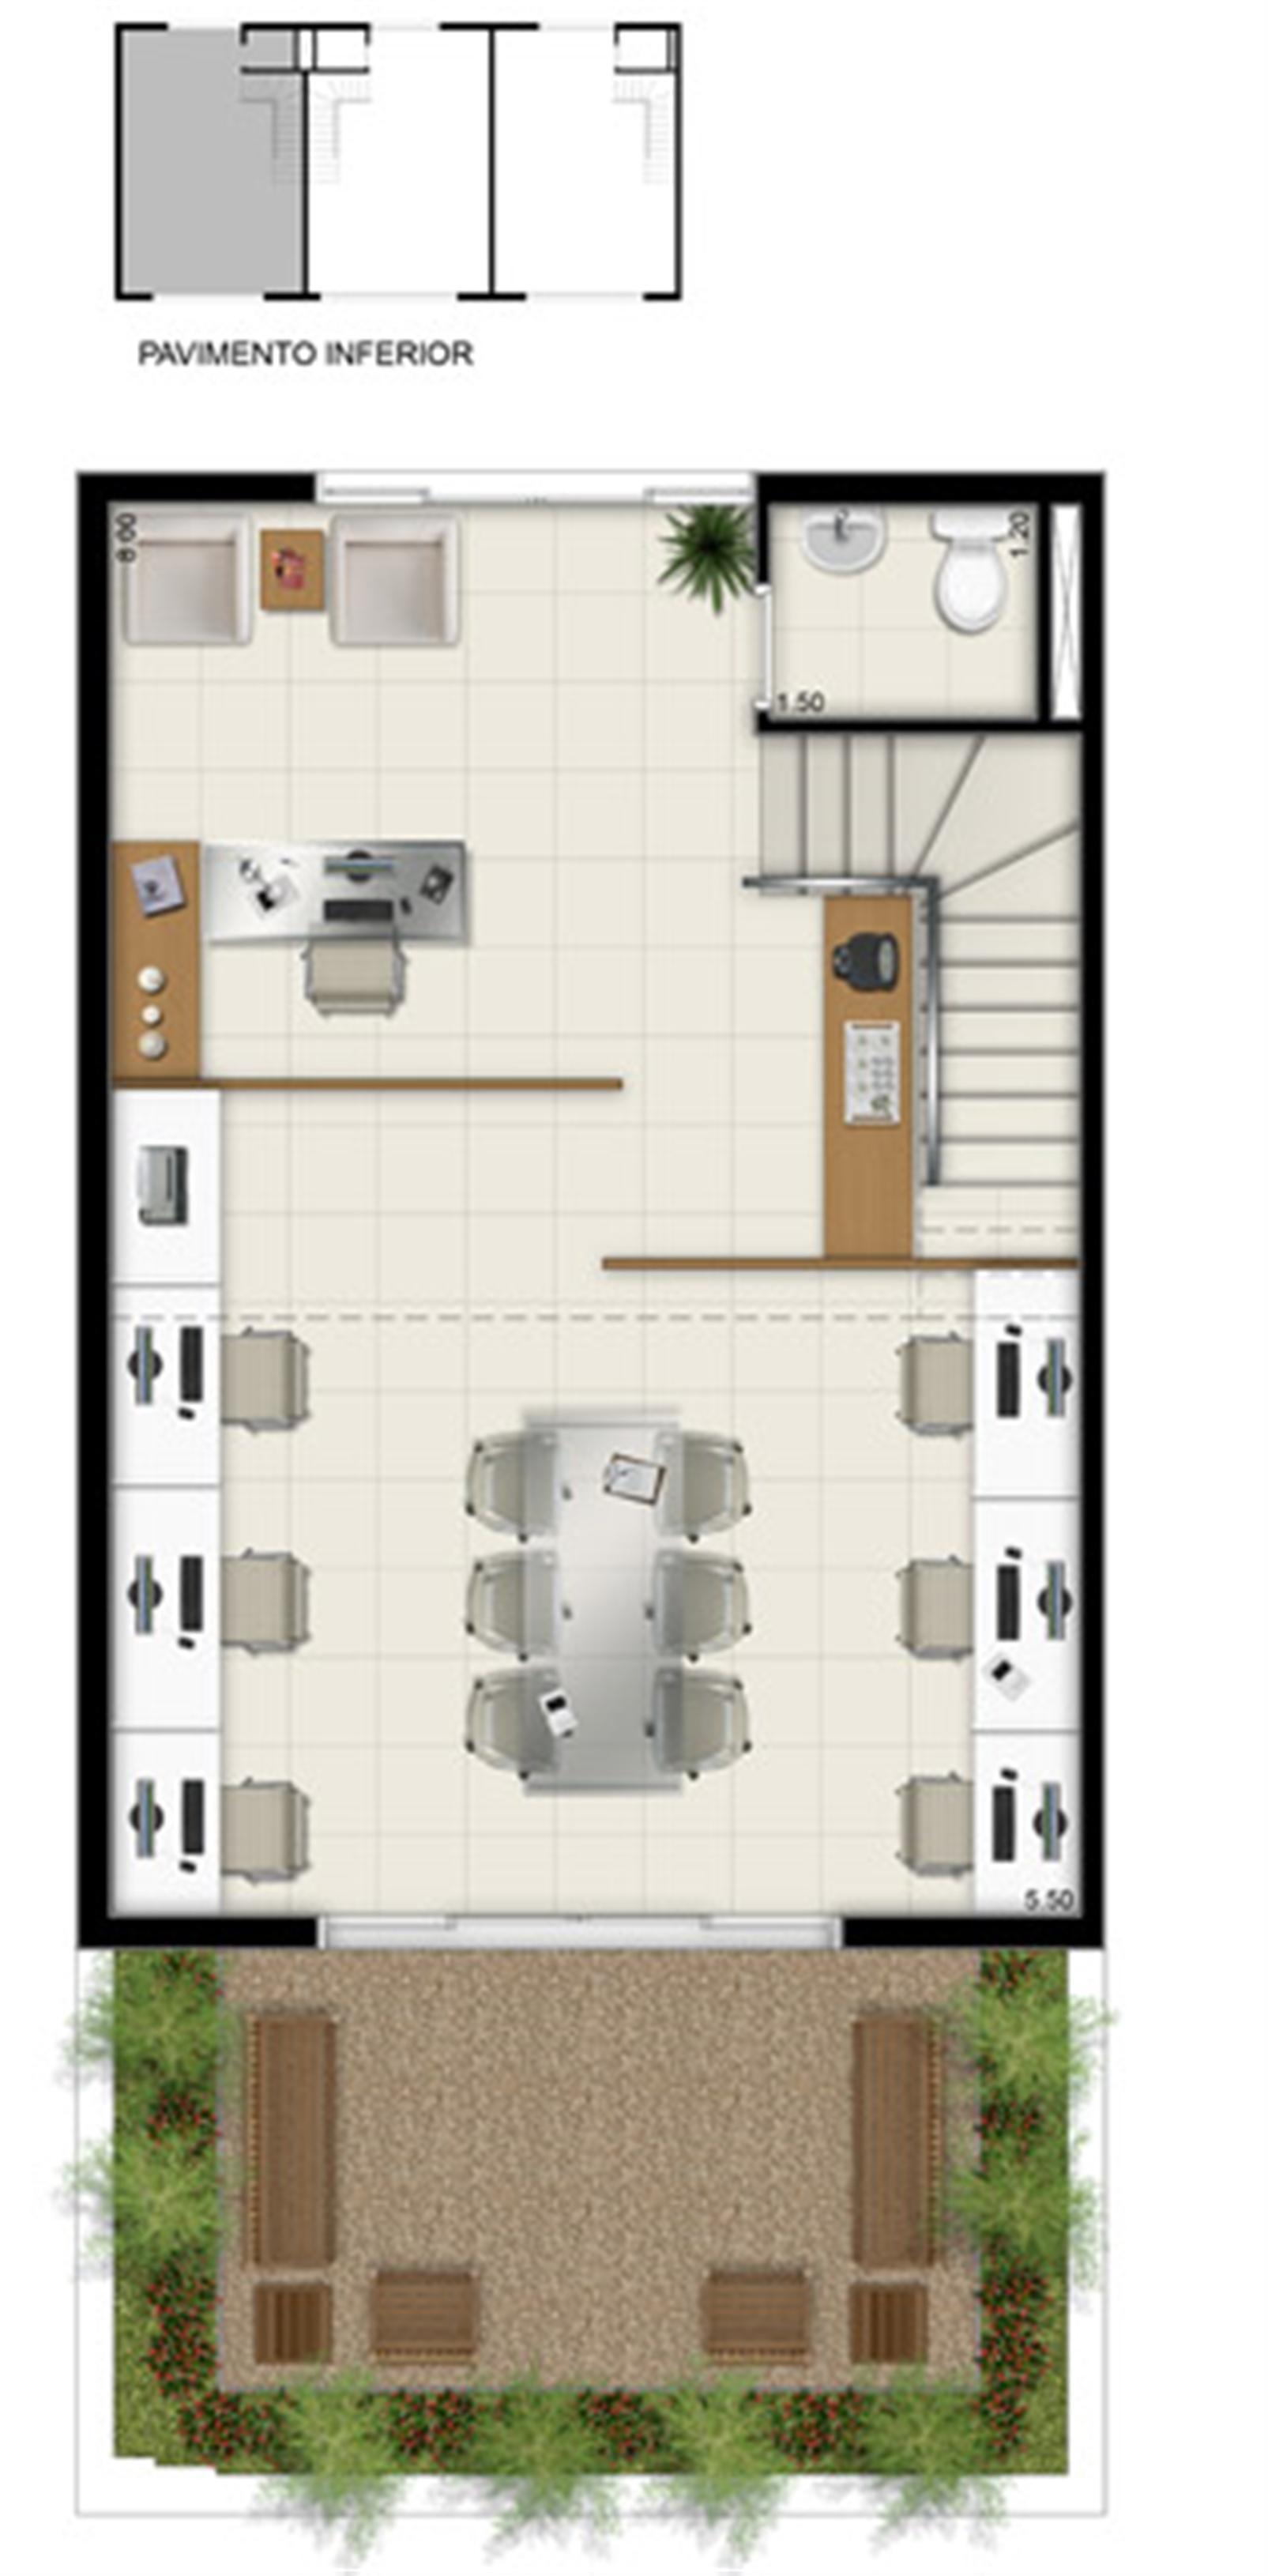 Duplex Inferior - Área total 84,50 m² | Pátio Jardins – Salas Comerciaisem  Altos do Calhau - São Luís - Maranhão